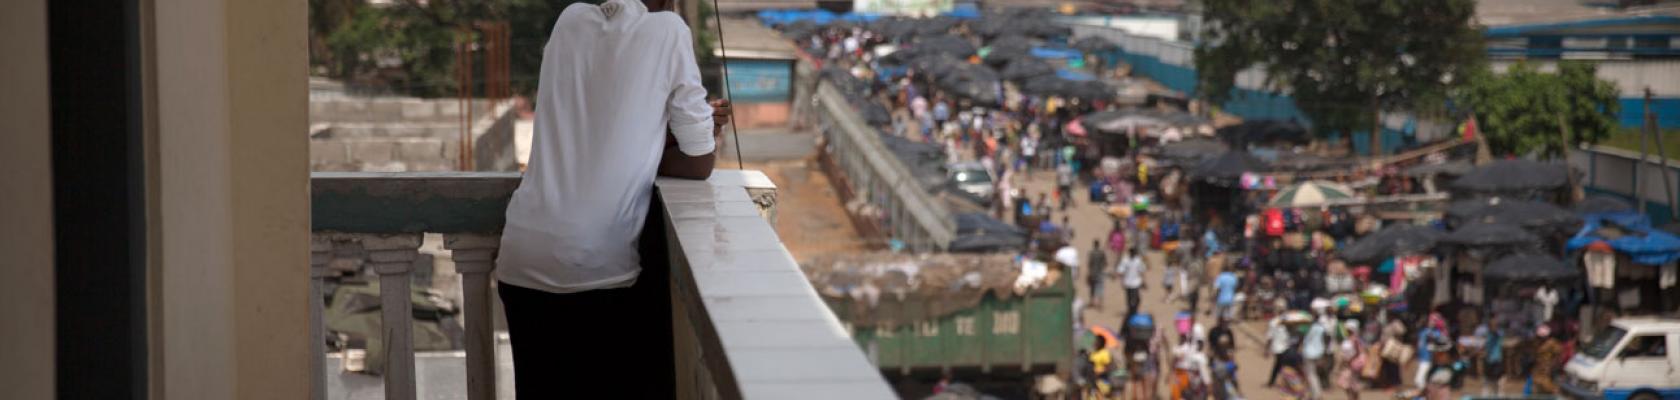 Un jeune homme depuis le balcon regarde la rue animée, Côte d'Ivoire